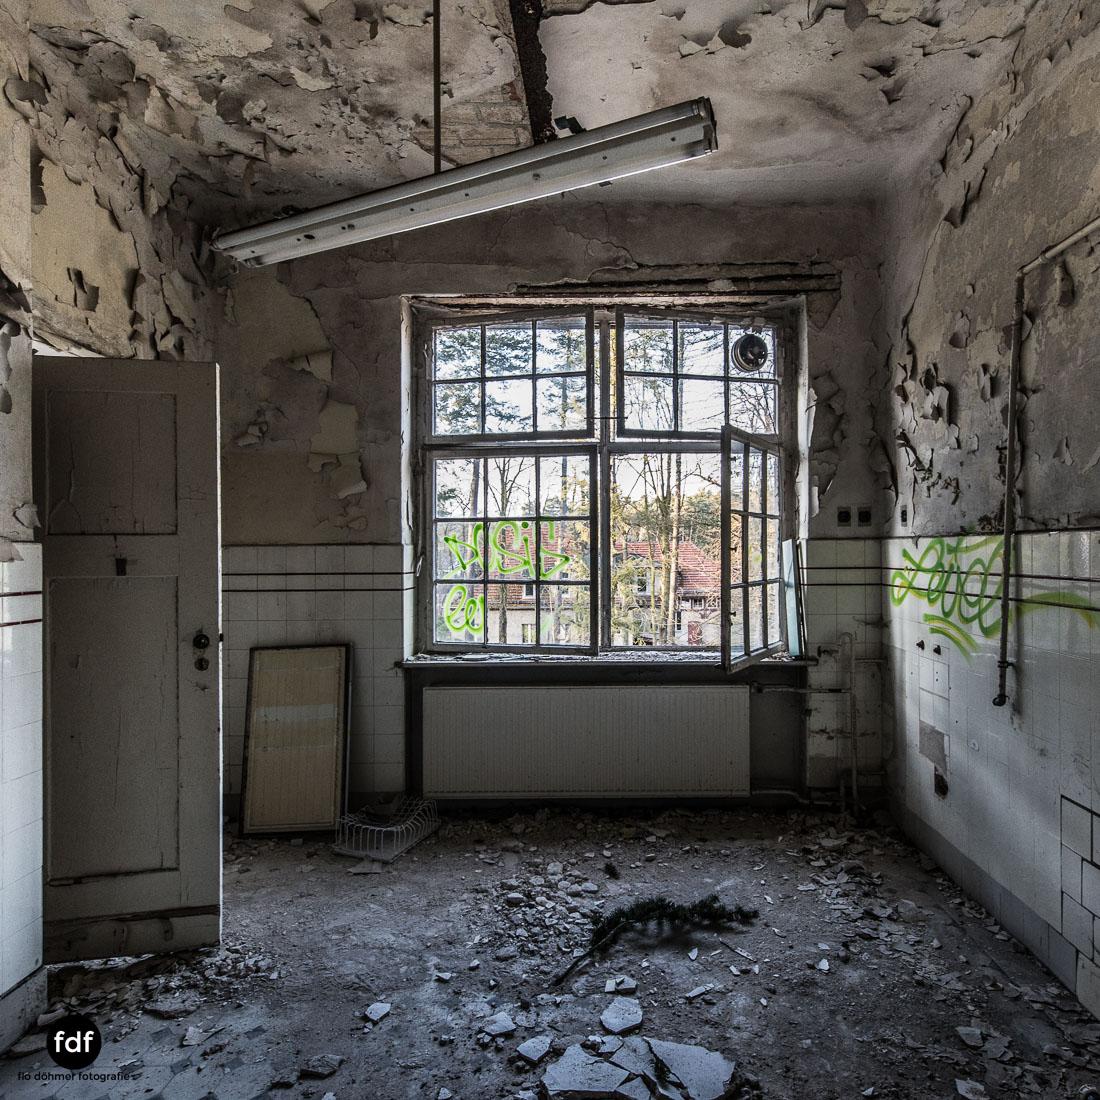 Stansdorf-Elisabethensanatorium-Berlin-Urbex-Lost-Place-Klinik-44.jpg